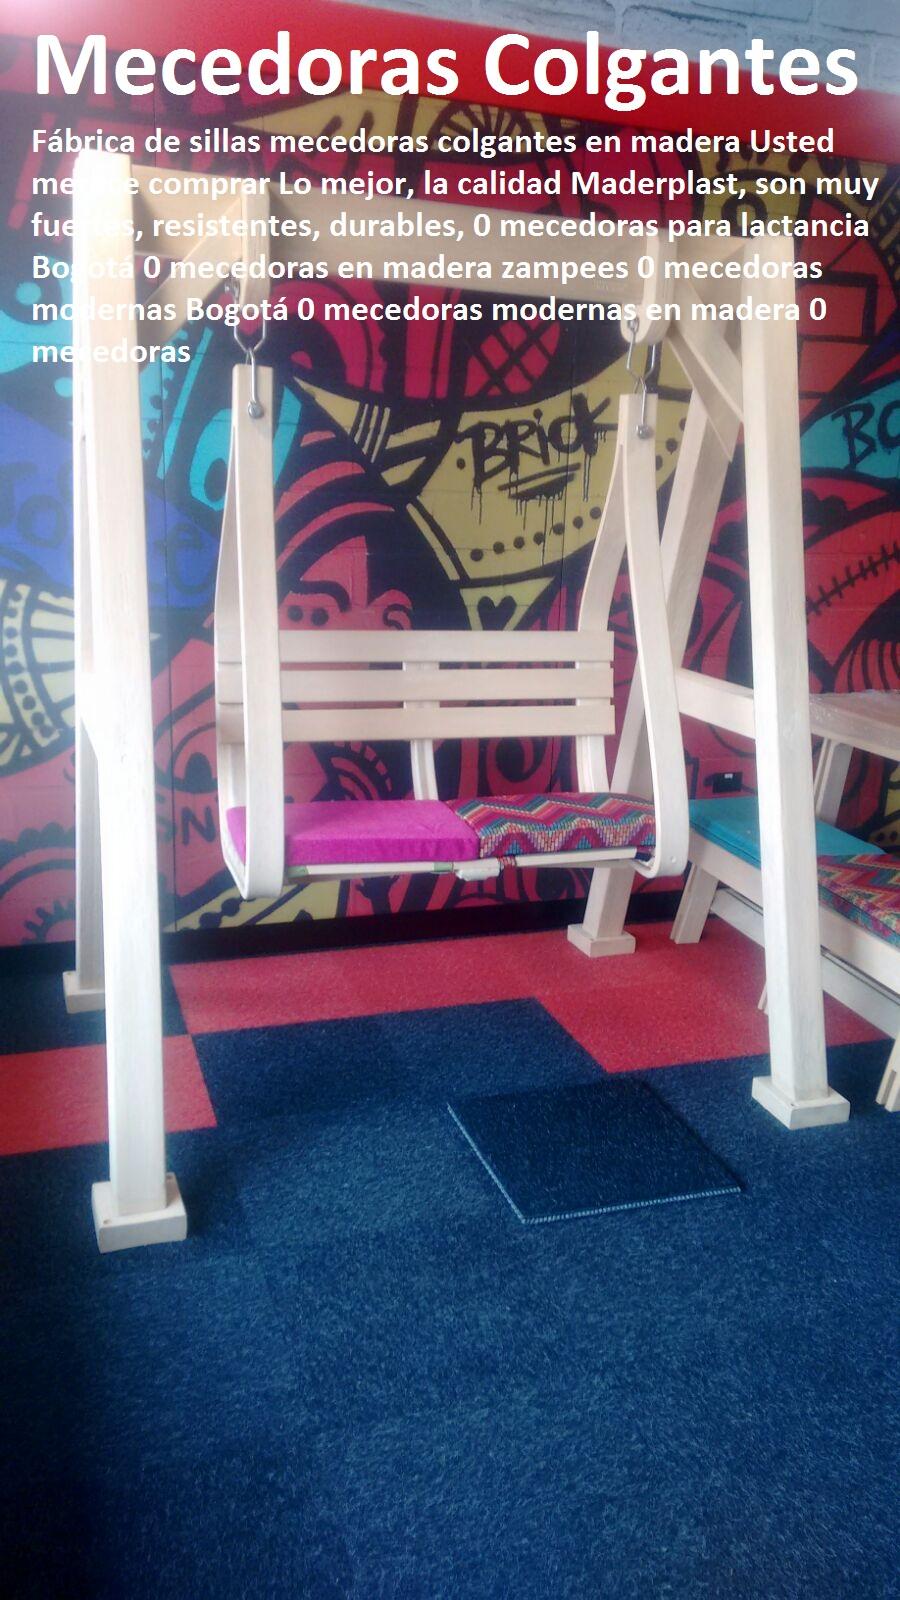 Fábrica de sillas mecedoras colgantes en madera 0 mecedoras para lactancia Bogotá 0 mecedoras en madera zampees 0 MESA Y SILLAS PARA EXTERIORES MADERPLAST MUEBLES PLÁSTICOS CON PARASOLES DE EXTERIORES 0 mesas con parasol para patios jardines restaurantes campestres 0, muebles de madera plástica para exterior 0, muebles de maderas finas teca ipe macana 0, sillas y Mesa de picnic con parasol 0, Juego de sala para exteriores 0, muebles para terraza pequeña 0, sala para exteriores sillas para exteriores Maderplast fabricamos sus muebles de acuerdo a sus gustos 0, somos especialistas en mobiliario de trabajo fuerte para exteriores 0, muebles son finos resistentes al trabajo 0, los muebles Maderplast son fuertes finos y elegantes 0, Silla convertible en mesa 0, banco convertible en mesa 0, planos de banco convertible en mesa 0, sillon mesa plegable 0, banca que se transforma en mesa planos 0, mesa banca 0, mesa banco 0, Comprar Muebles de Madera 0, Diseños con variedad de materiales con excelente calidad 0, Comprar Muebles de Madera de Abedul 0, Comprar Muebles de Madera de Mukali 0, Comprar Muebles de Madera de Balau 0, Mesa de picnic plegable y convertible en bancos 0, Comprar Muebles de Madera de álamo 0, mecedoras columpio del amor columpio para enamorados columpio romántico Fábrica de sillas mecedoras colgantes en madera 0 mecedoras para lactancia Bogotá 0 mecedoras en madera zampees 0 mecedoras modernas Bogotá 0 mecedoras modernas en madera 0 mecedoras modernas Bogotá 0 mecedoras modernas en madera 0 mecedoras